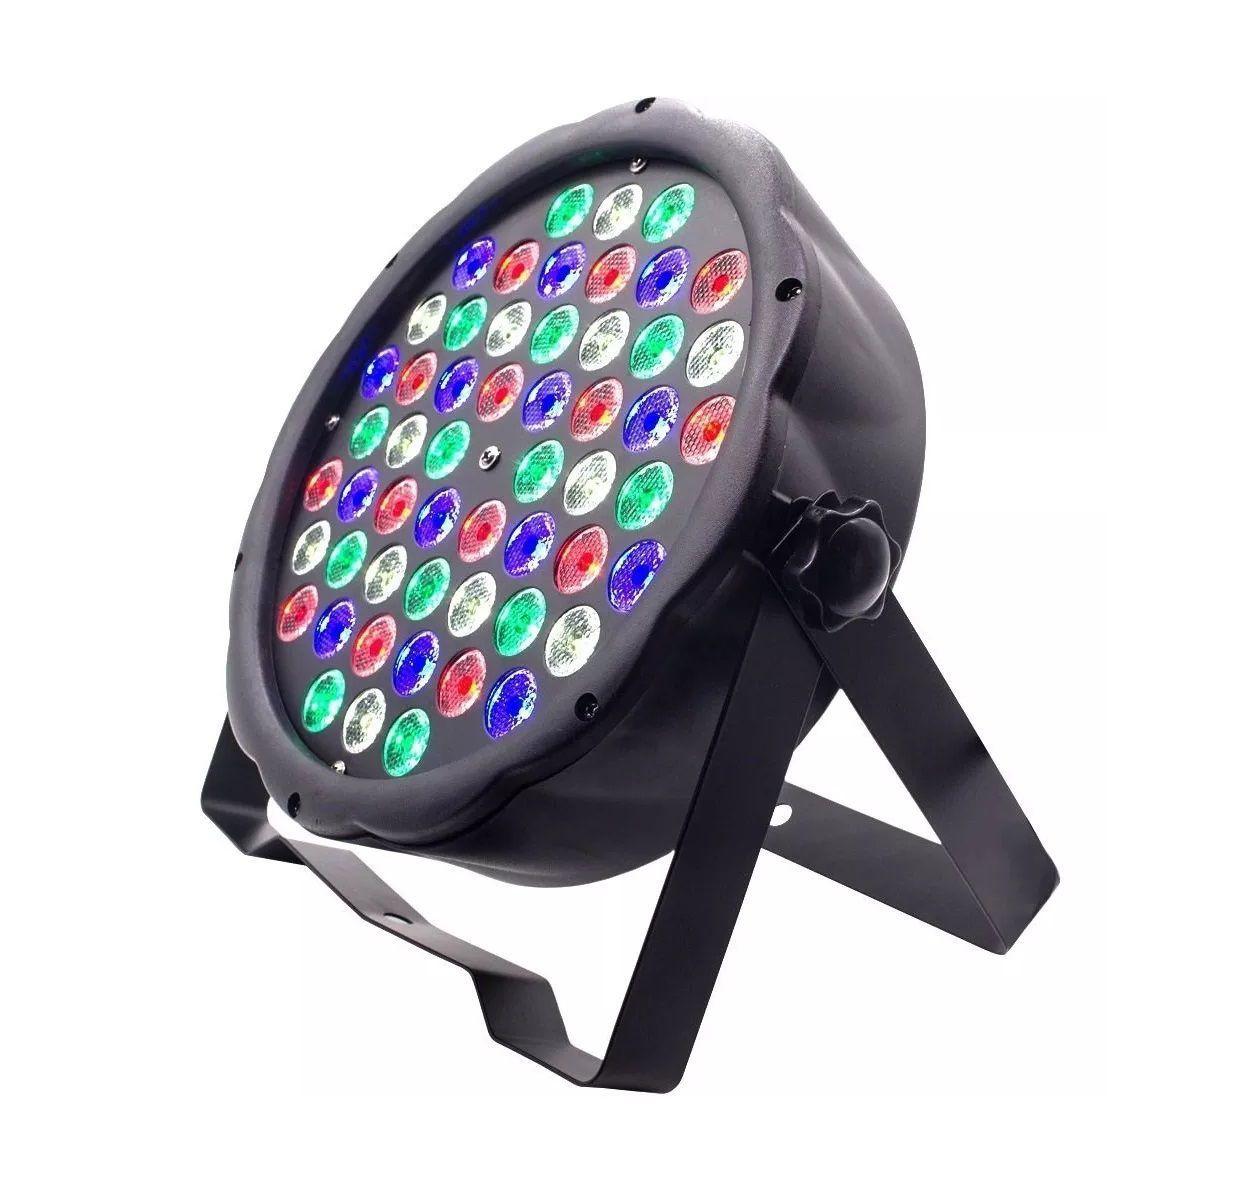 Kit 2 Canhão de Luz Led Par 64 RBGW 54 Leds 3w Strobo Dmx Digital